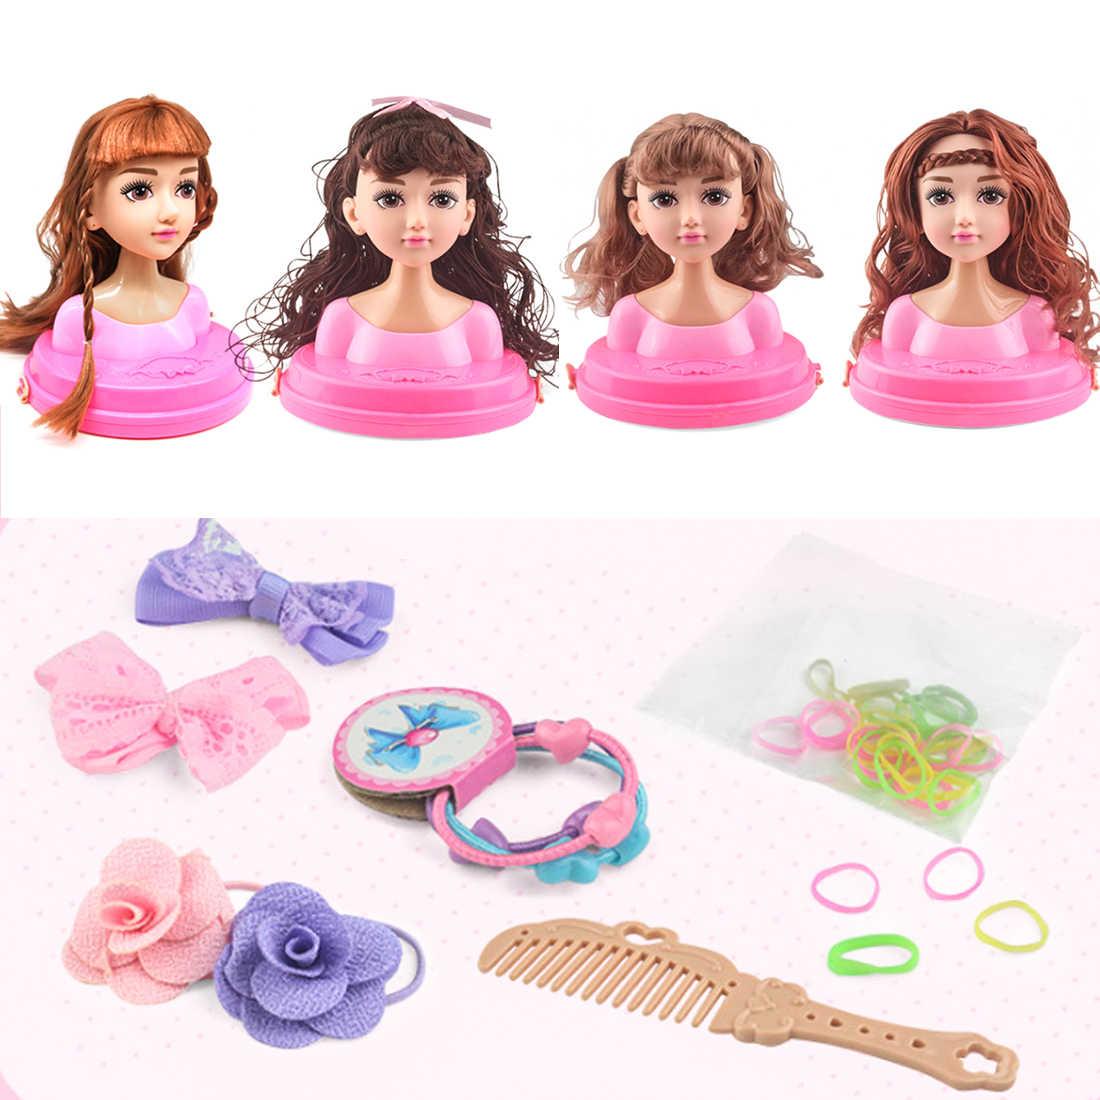 Новая модель головы половина тела кукла игрушка макияж прическа играть игрушки Красота ролевые игры для детей подарок на день рождения-случайный цвет версия A